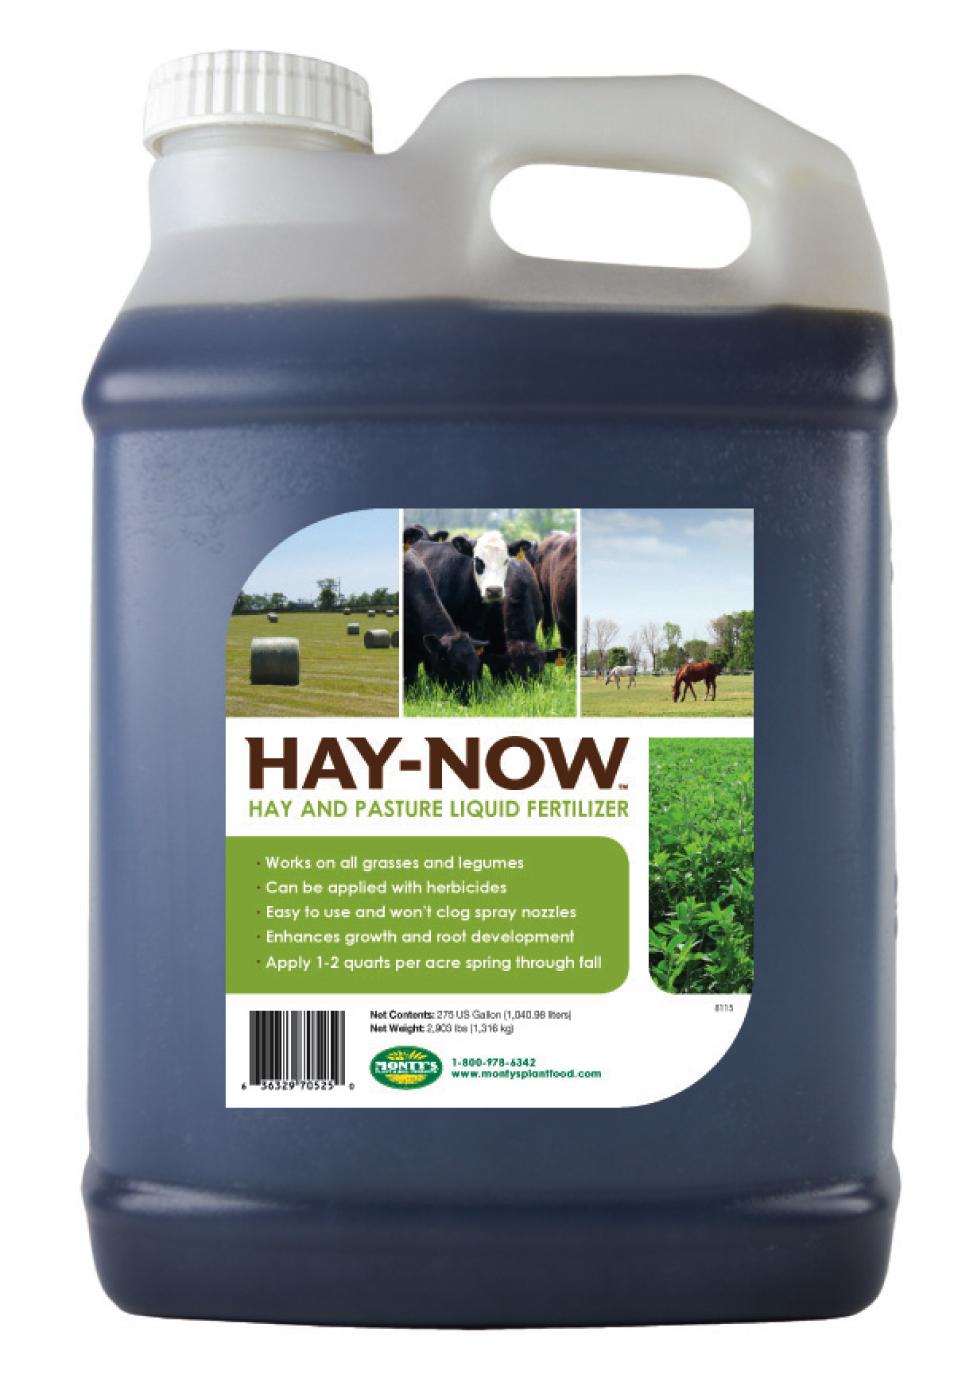 Hay-Now Jug